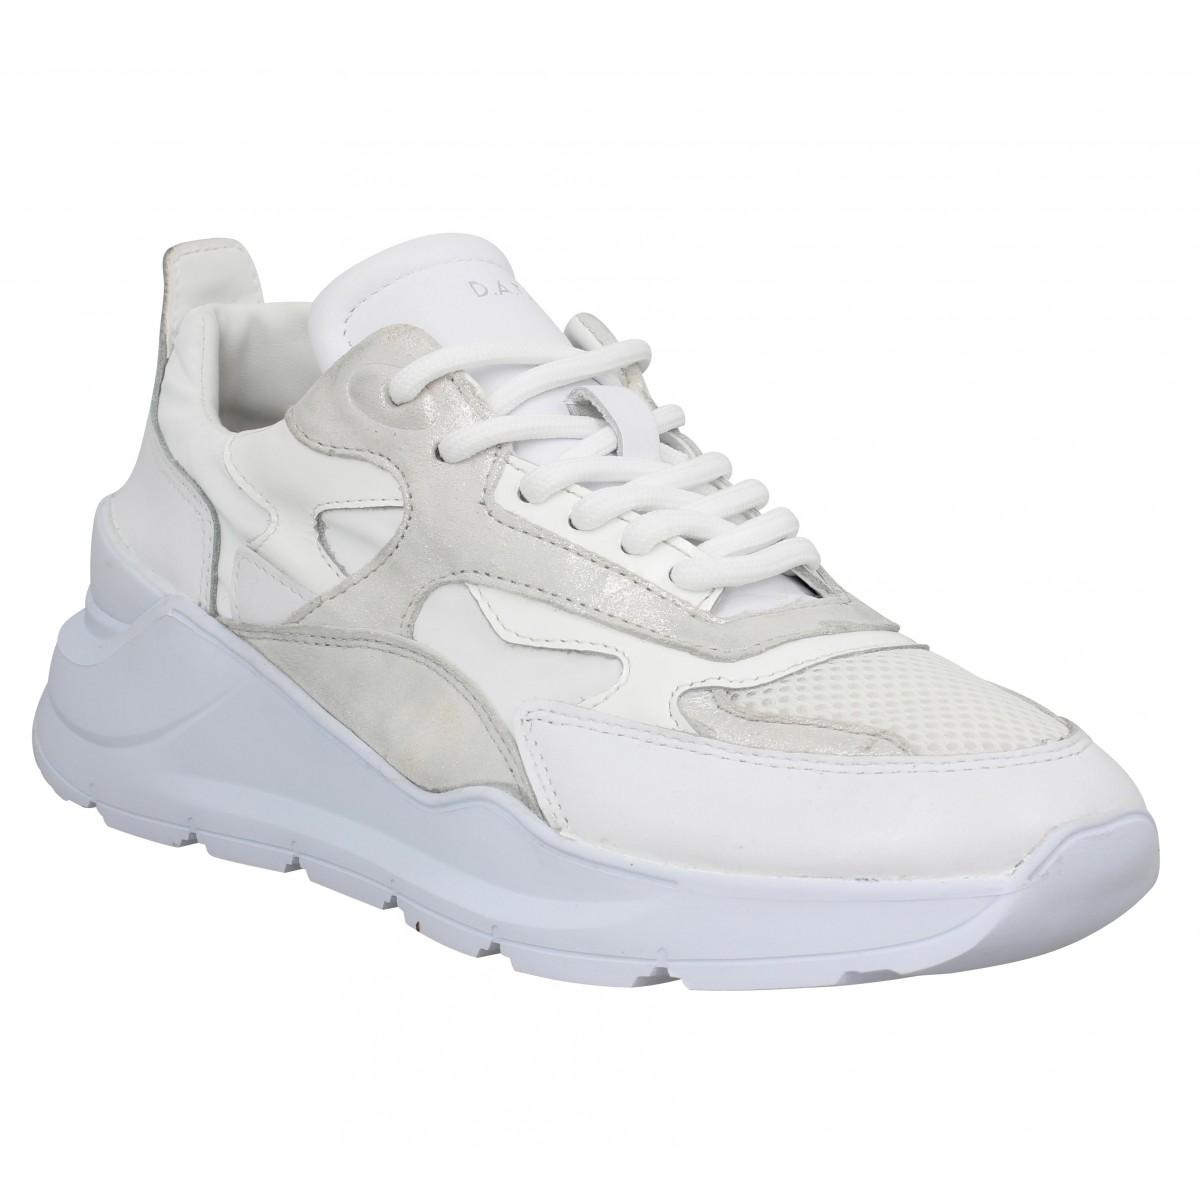 D.A.T.E Femme Date Sneakers Fuga Pop...